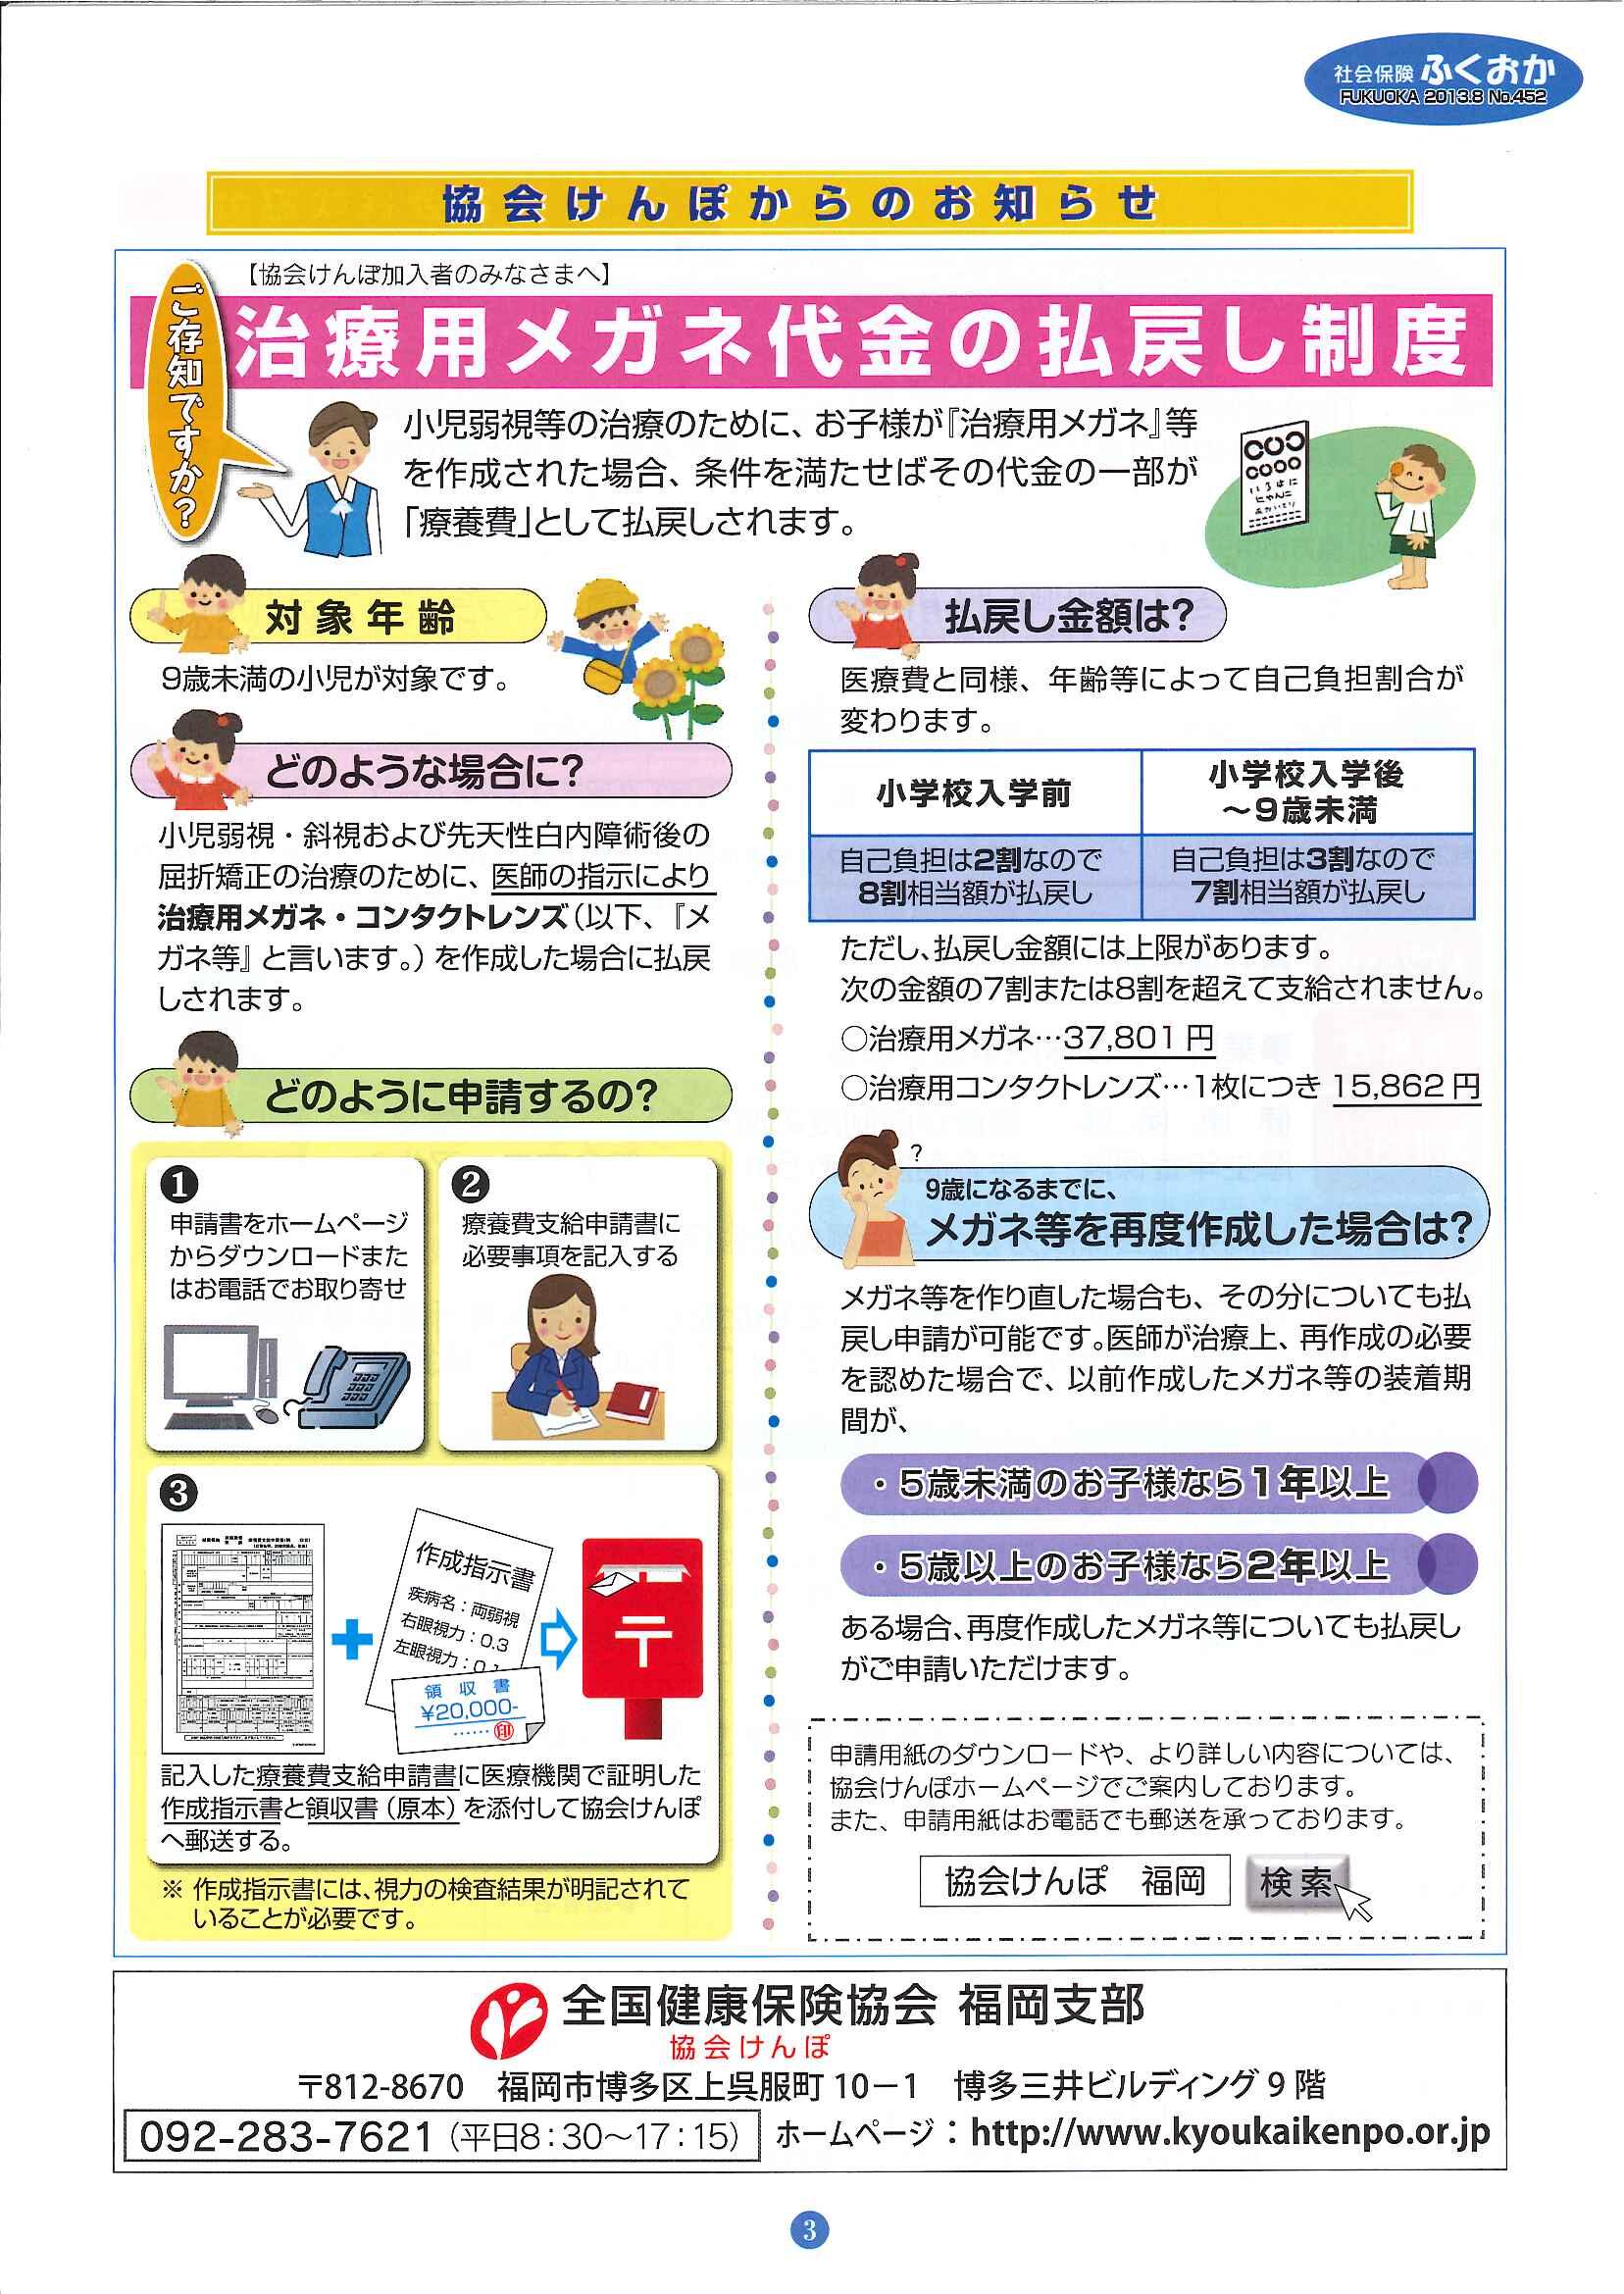 社会保険 ふくおか 2013年8月号_f0120774_14551195.jpg